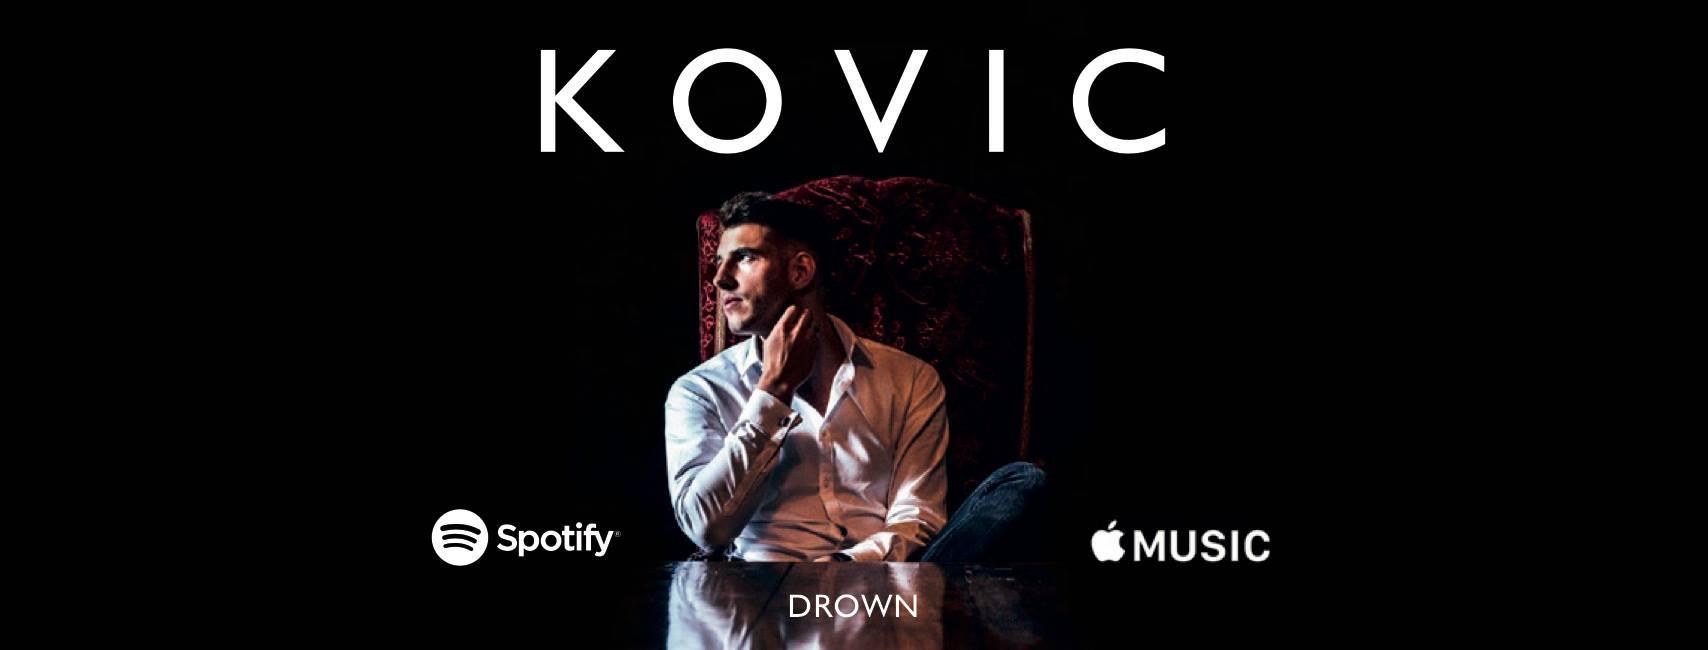 Kovic's music video